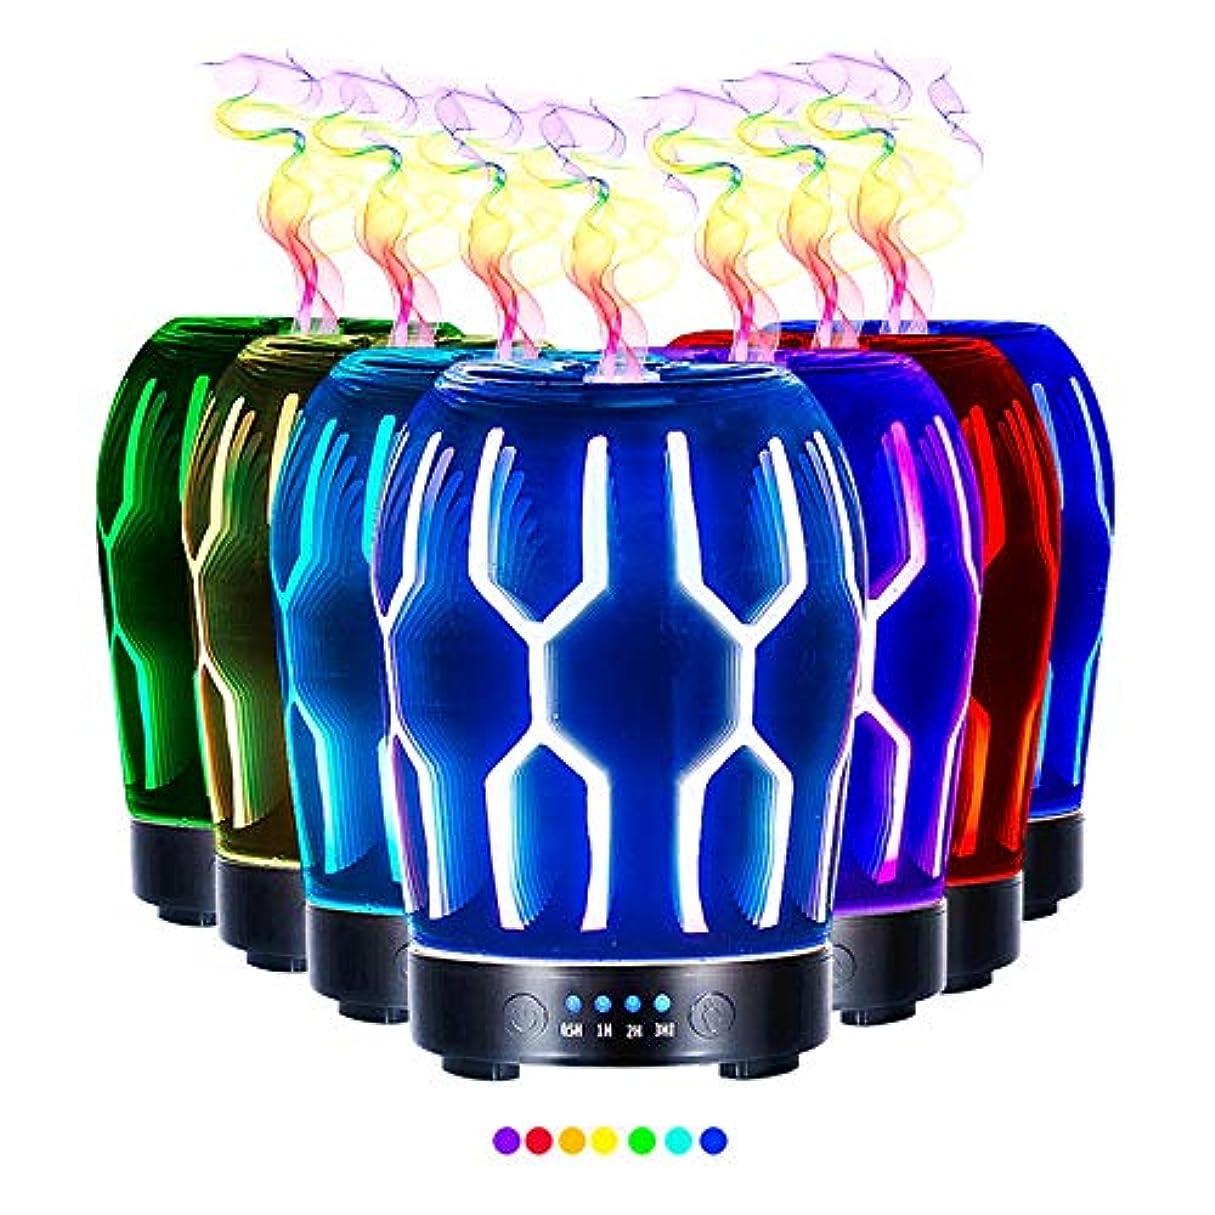 繰り返したコンベンション電気的エッセンシャルオイル用ディフューザー (100ml)-クリエイティブガラスハッカーマトリックスアロマ加湿器7色の変更 LED ライト & 4 タイマー設定、水なしの自動シャットオフ